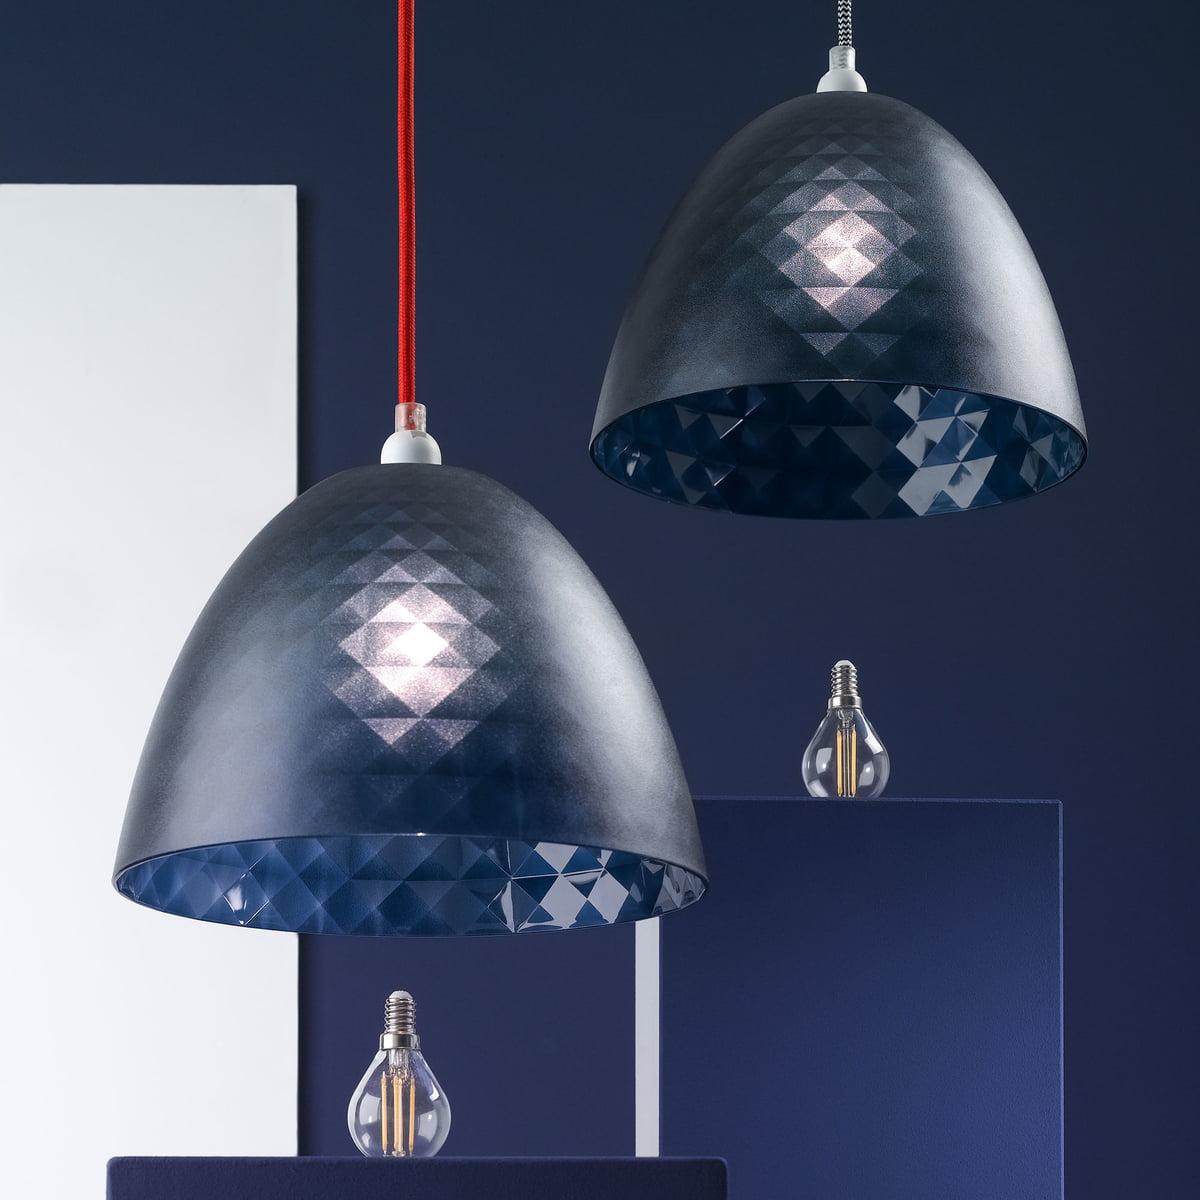 Wunderbar Strikingly Design Spiegel Mit Lampen Zeitgenössisch ...